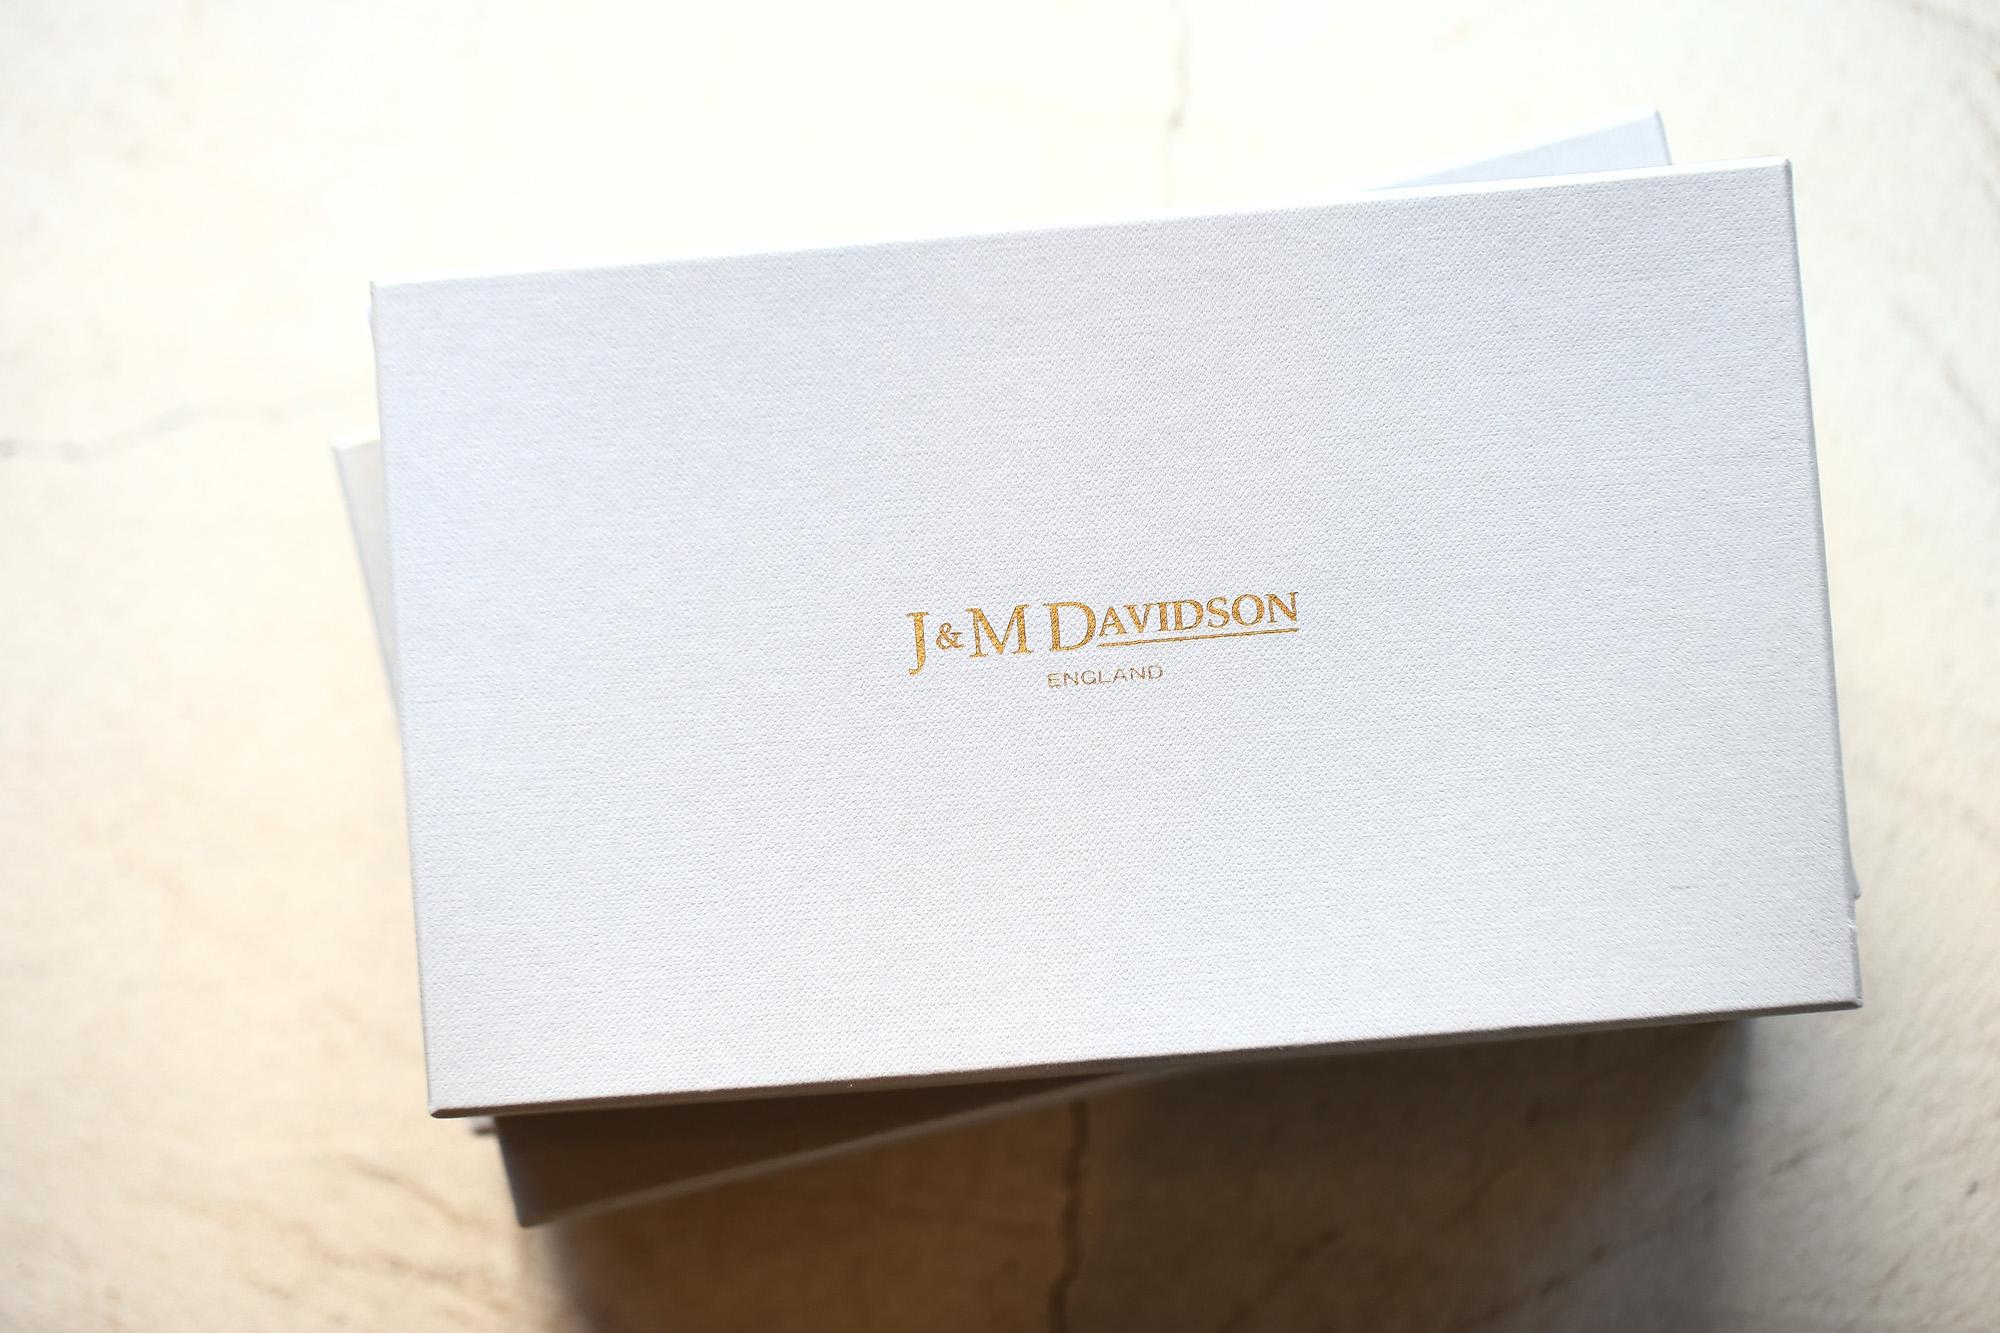 J&M DAVIDSON (ジェイアンドエムデヴィッドソン) JET SET COLLECTION (ジェットセット コレクション) ELONGATED ZIP WALLET WITH STUDS (エロンゲテッド ジップ ウォレット ウィズ スタッズ) 10128N CALF LEATHER (カーフレザー) 長財布 ウォレット BLACK (ブラック・9990) Made in spain (スペイン製) 2017 秋冬新作 jmdavidson ジェイエムデヴィッドソン 財布 ウォレット 愛知 名古屋 ZODIAC ゾディアック